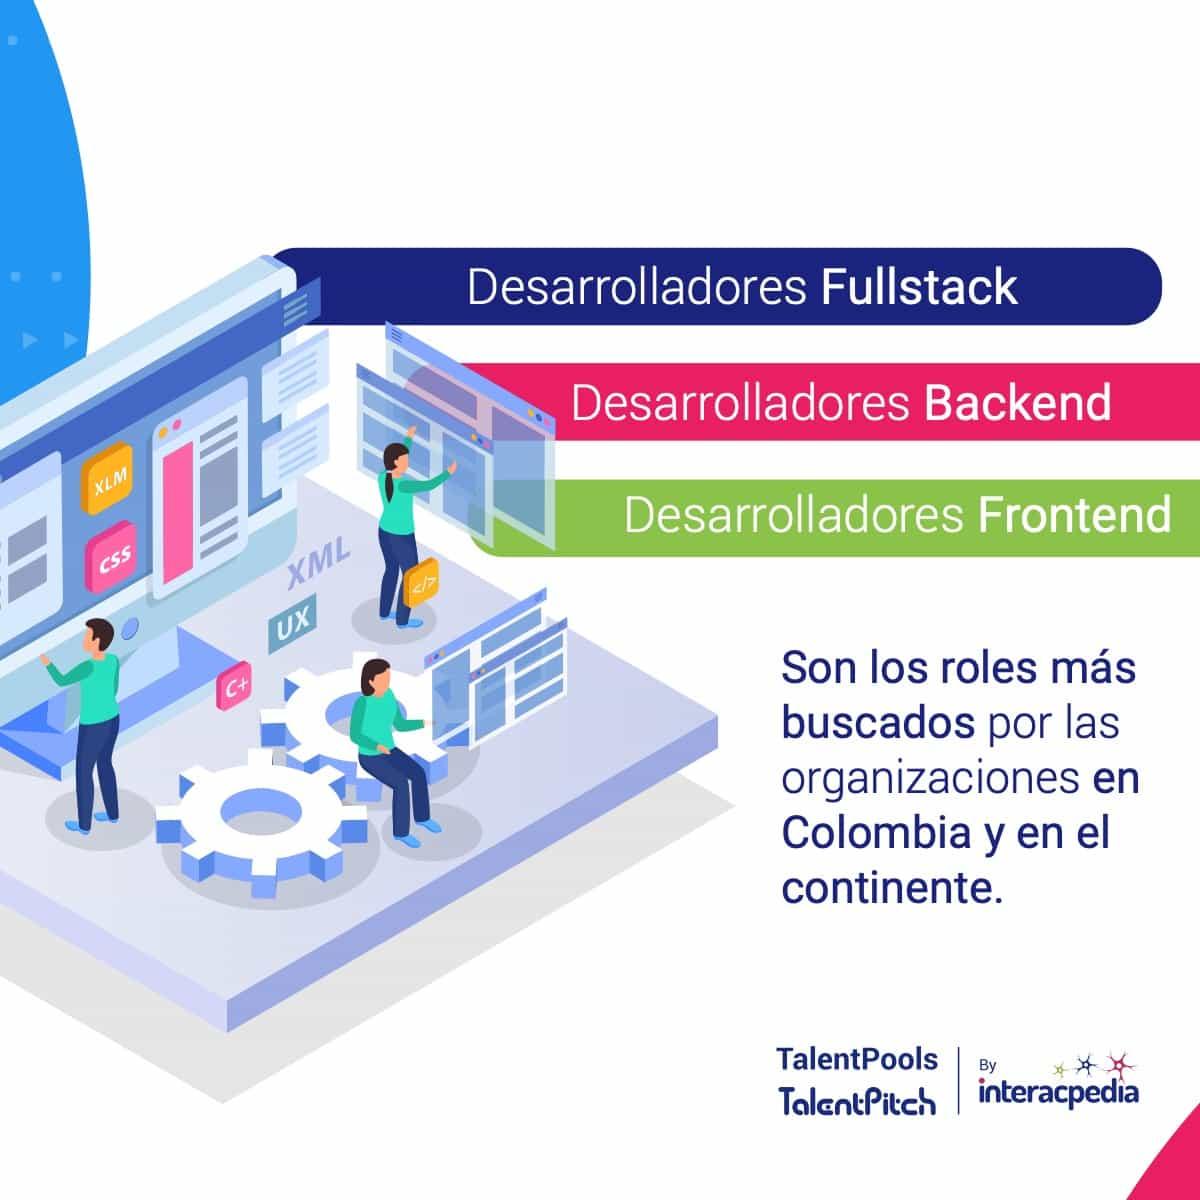 [Infografía] El COVID-19 agudizó la demanda de talento TI en Colombia 6